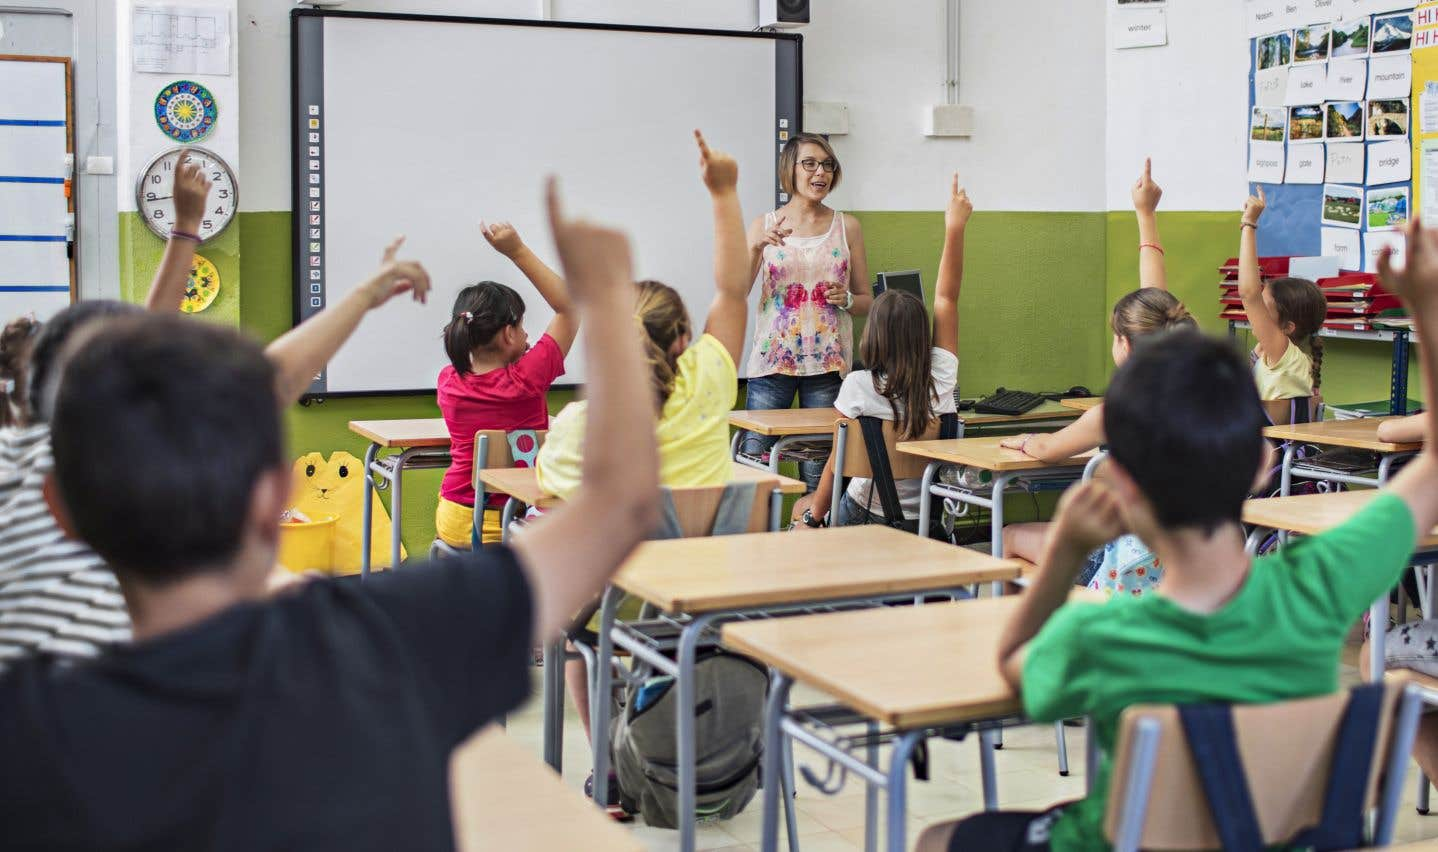 Il faut mettre fin aux subventions publiques aux écoles privées, et on mettra fin à une situation où 20% des nouvelles enseignantes quittent la profession au cours des cinq premières années, estime l'auteur.